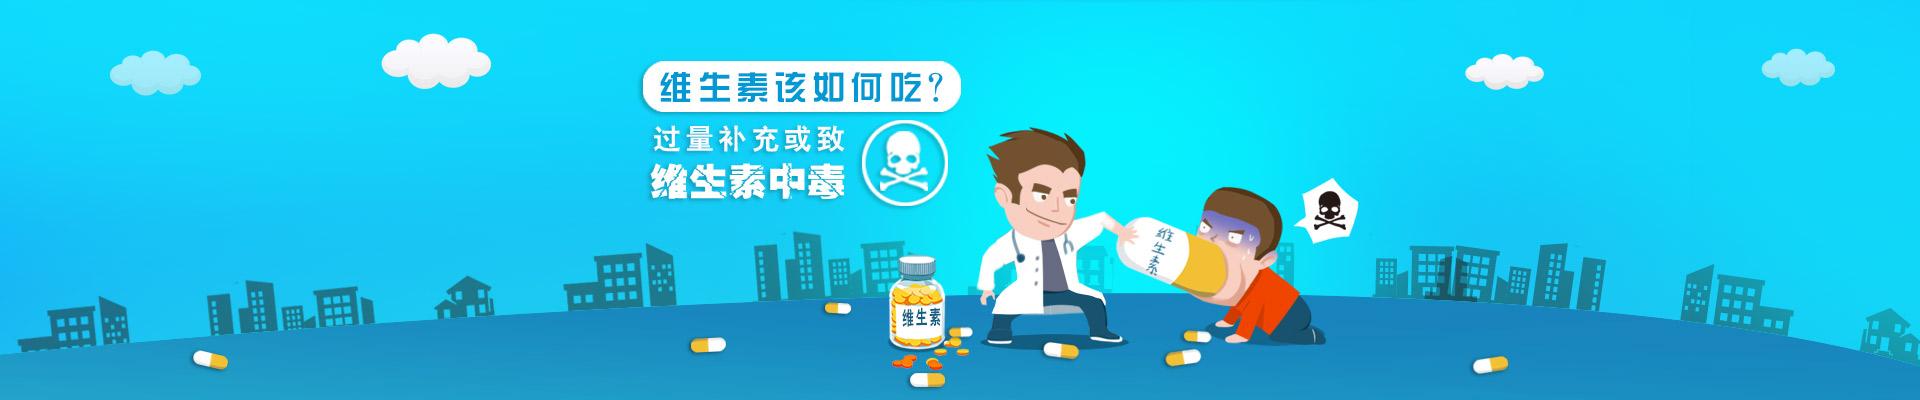 维生素如何补?维生素并非多多益善